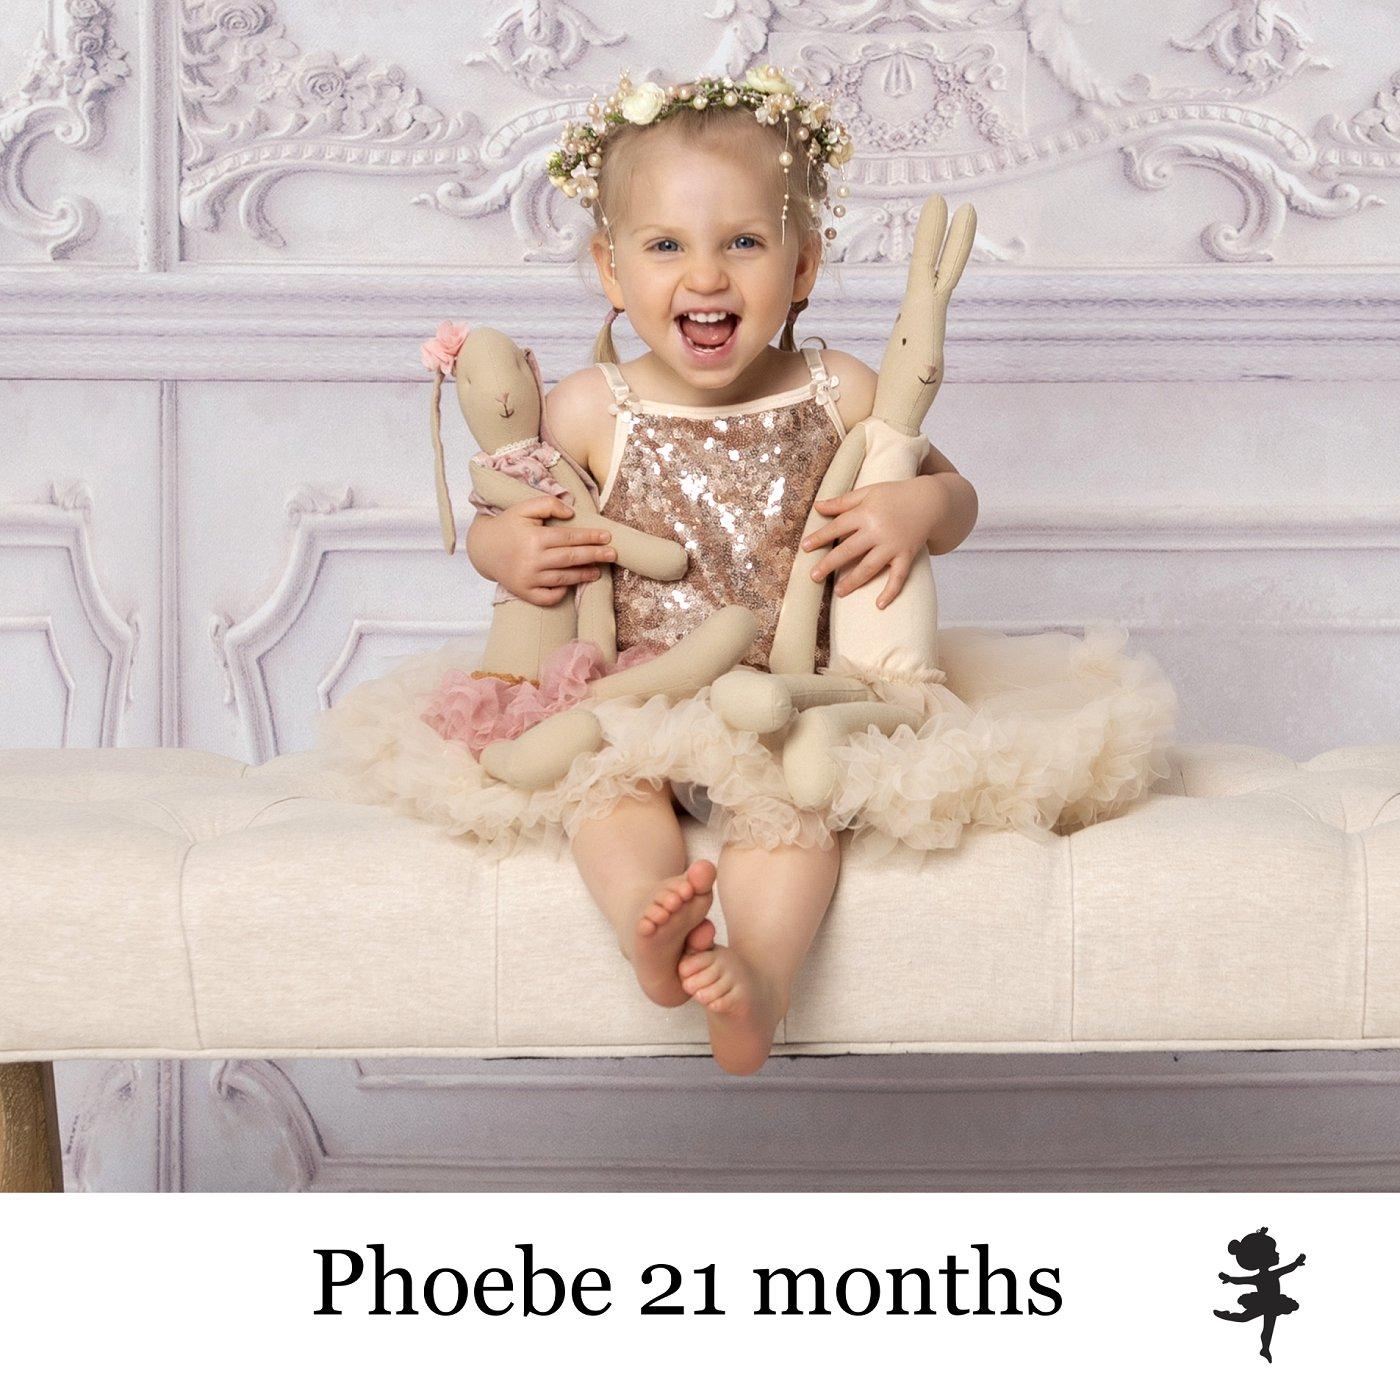 LB2019- Phoebe, 21 months.jpg